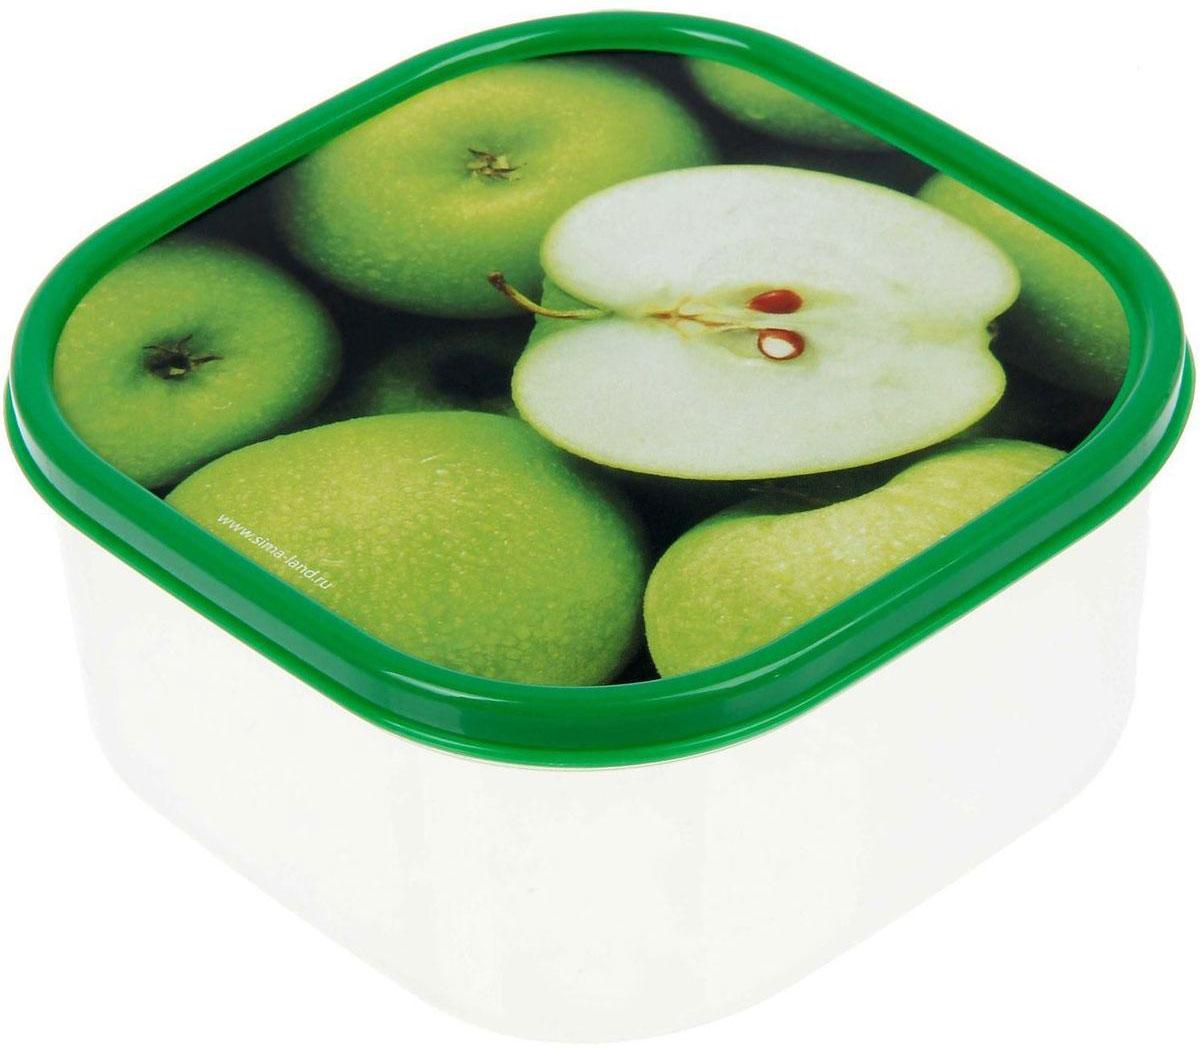 Ланч-бокс Доляна Яблоки, квадратный, 700 мл1333985Ланч-бокс Доляна изготовлен из прочного пищевого пластика. В комплекте прилагается крышка подходящего размера, которая плотно и надежно закрывается и упрощает процесс транспортировки. Такой контейнер является незаменимым предметом кухонной утвари, ведь у него много преимуществ: Простота ухода. Ланч-бокс достаточно промыть теплой водой с небольшим количеством чистящего средства. Вместительность. Изделие позволяет разместить разнообразные продукты от сахара до супов. Эргономичность. Ланч-боксы очень легко хранить даже в самой маленькой кухне, так как их можно поставить один в другой по принципу матрешки. Многофункциональность. Он пригодится, если после вкусного обеда осталась еда, а насладиться трапезой хочется и на следующий день. Можно использовать не только на кухне, но и для хранения различных бытовых предметов, а также брать с собой еду на работу или учебу. Не использовать пластиковые контейнеры в духовых шкафах и на открытом огне, а также не разогревать в микроволновых печах при закрытой крышке ланч-бокса.